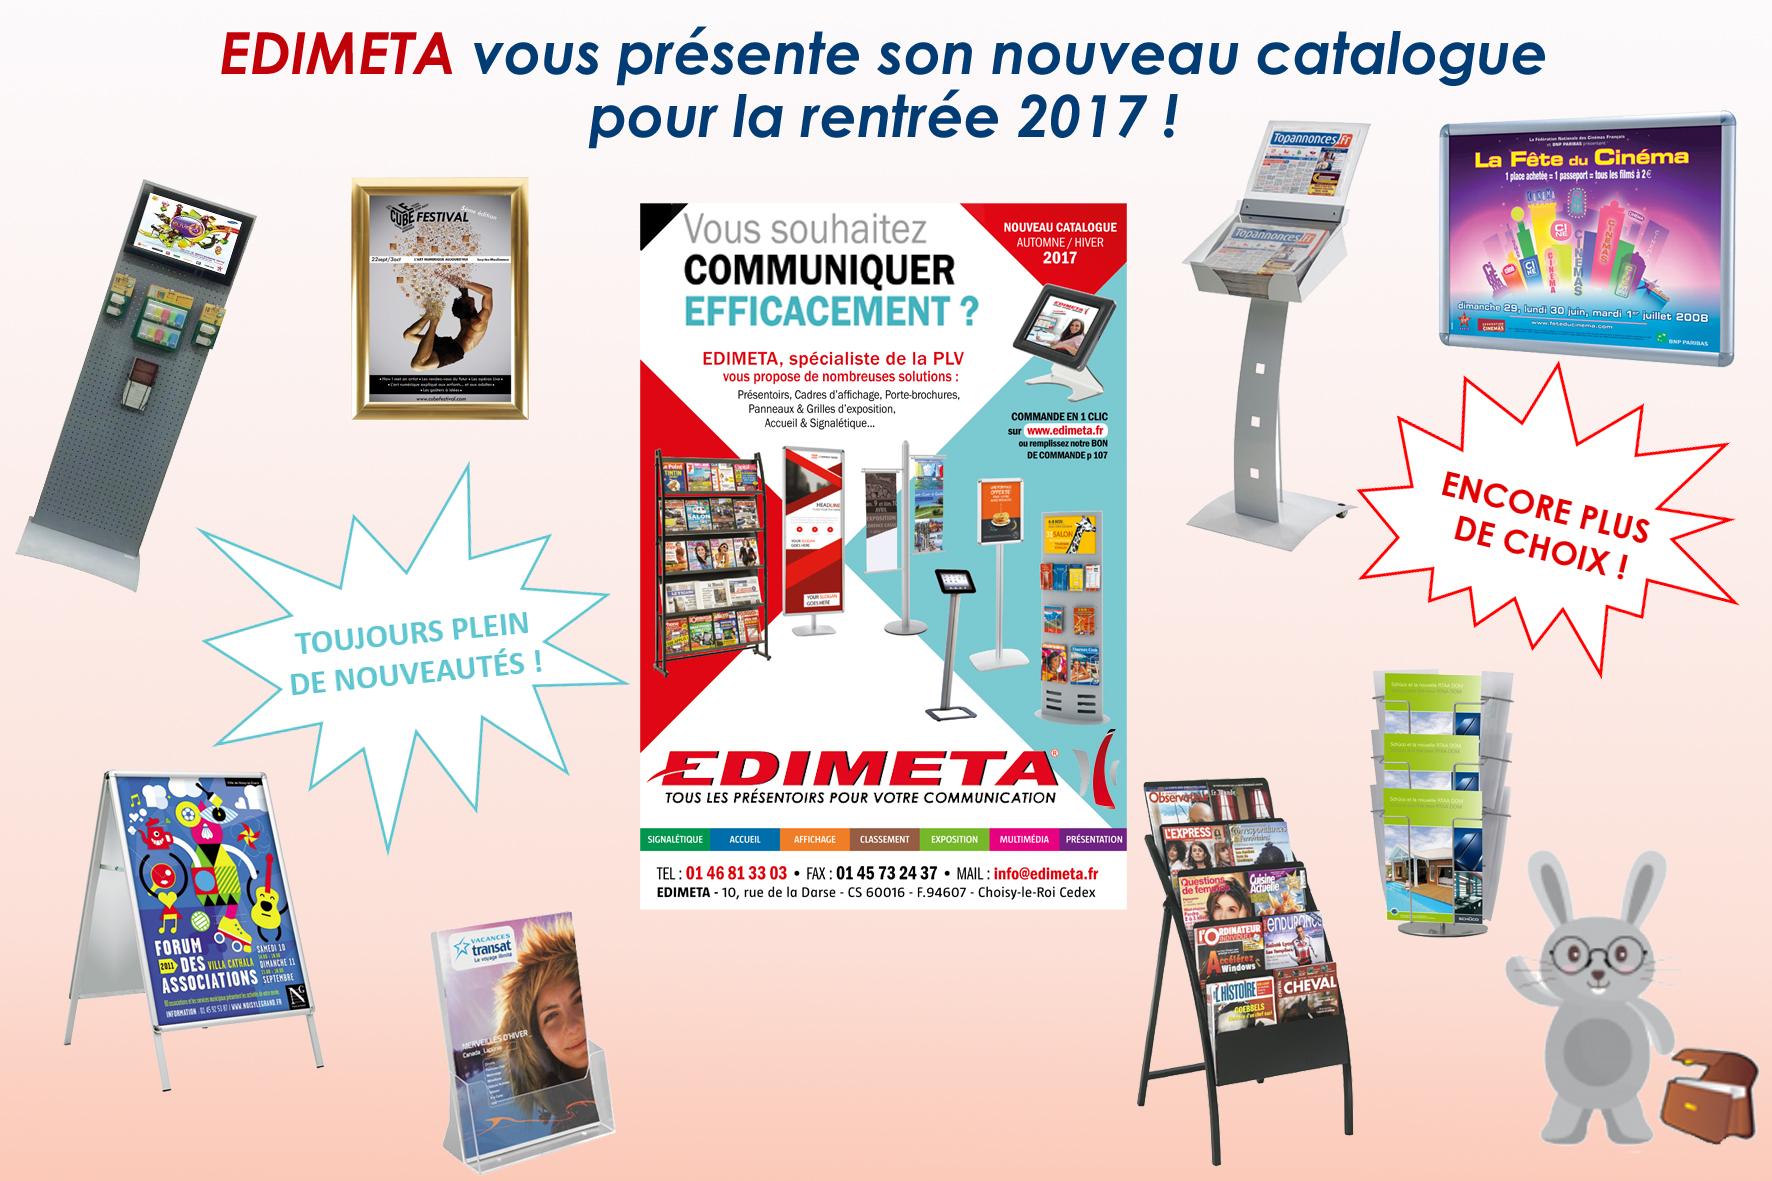 EDIMETA vous présente son nouveau catalogue 2017 pour la rentrée !